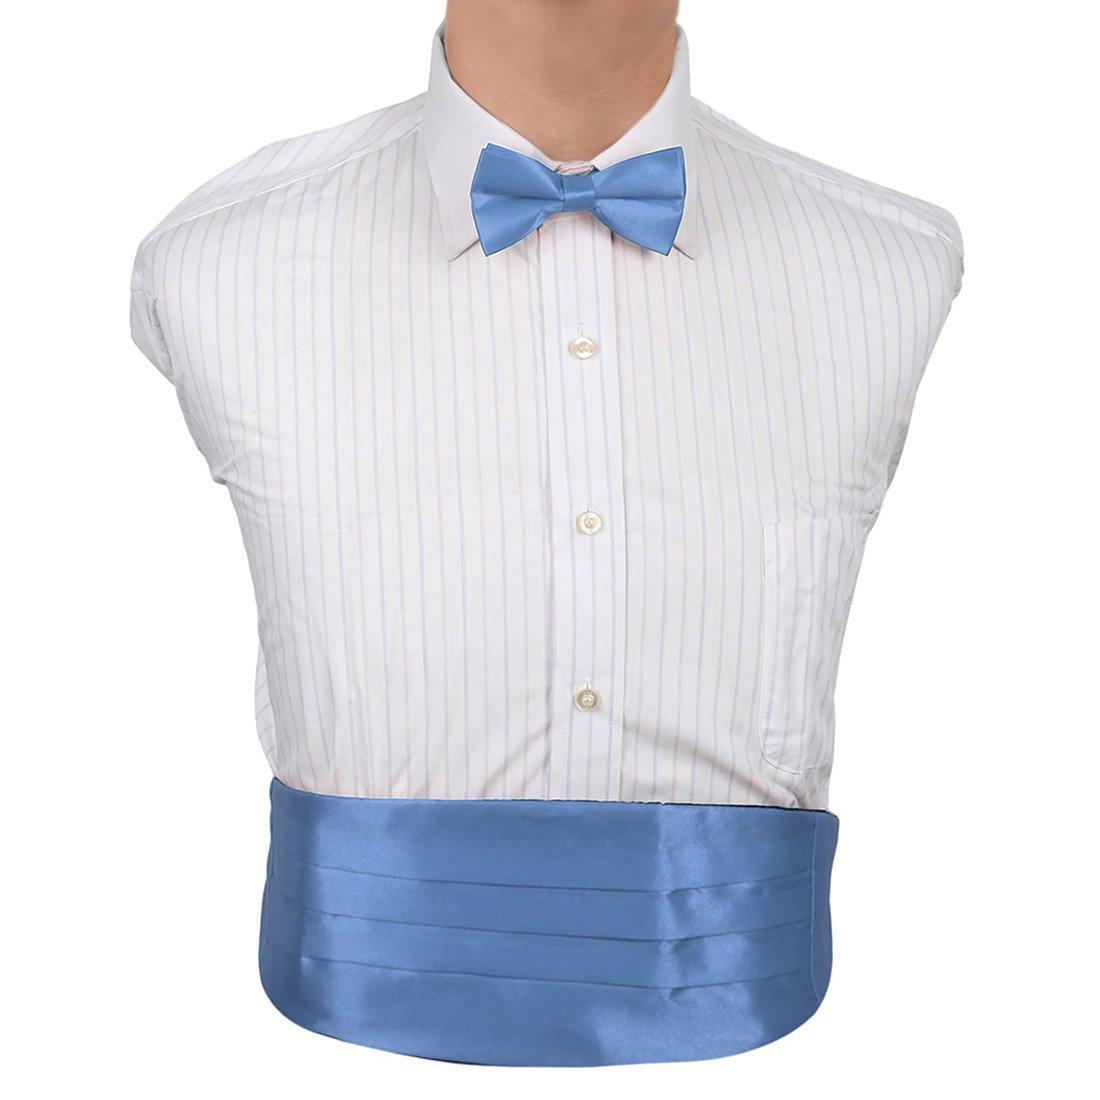 DIC1E01H Silver Plain Soft Stain Bridegrooms Cummerbund Bow Tie Set Cummerbund Matching Bow Tie By Dan Smith